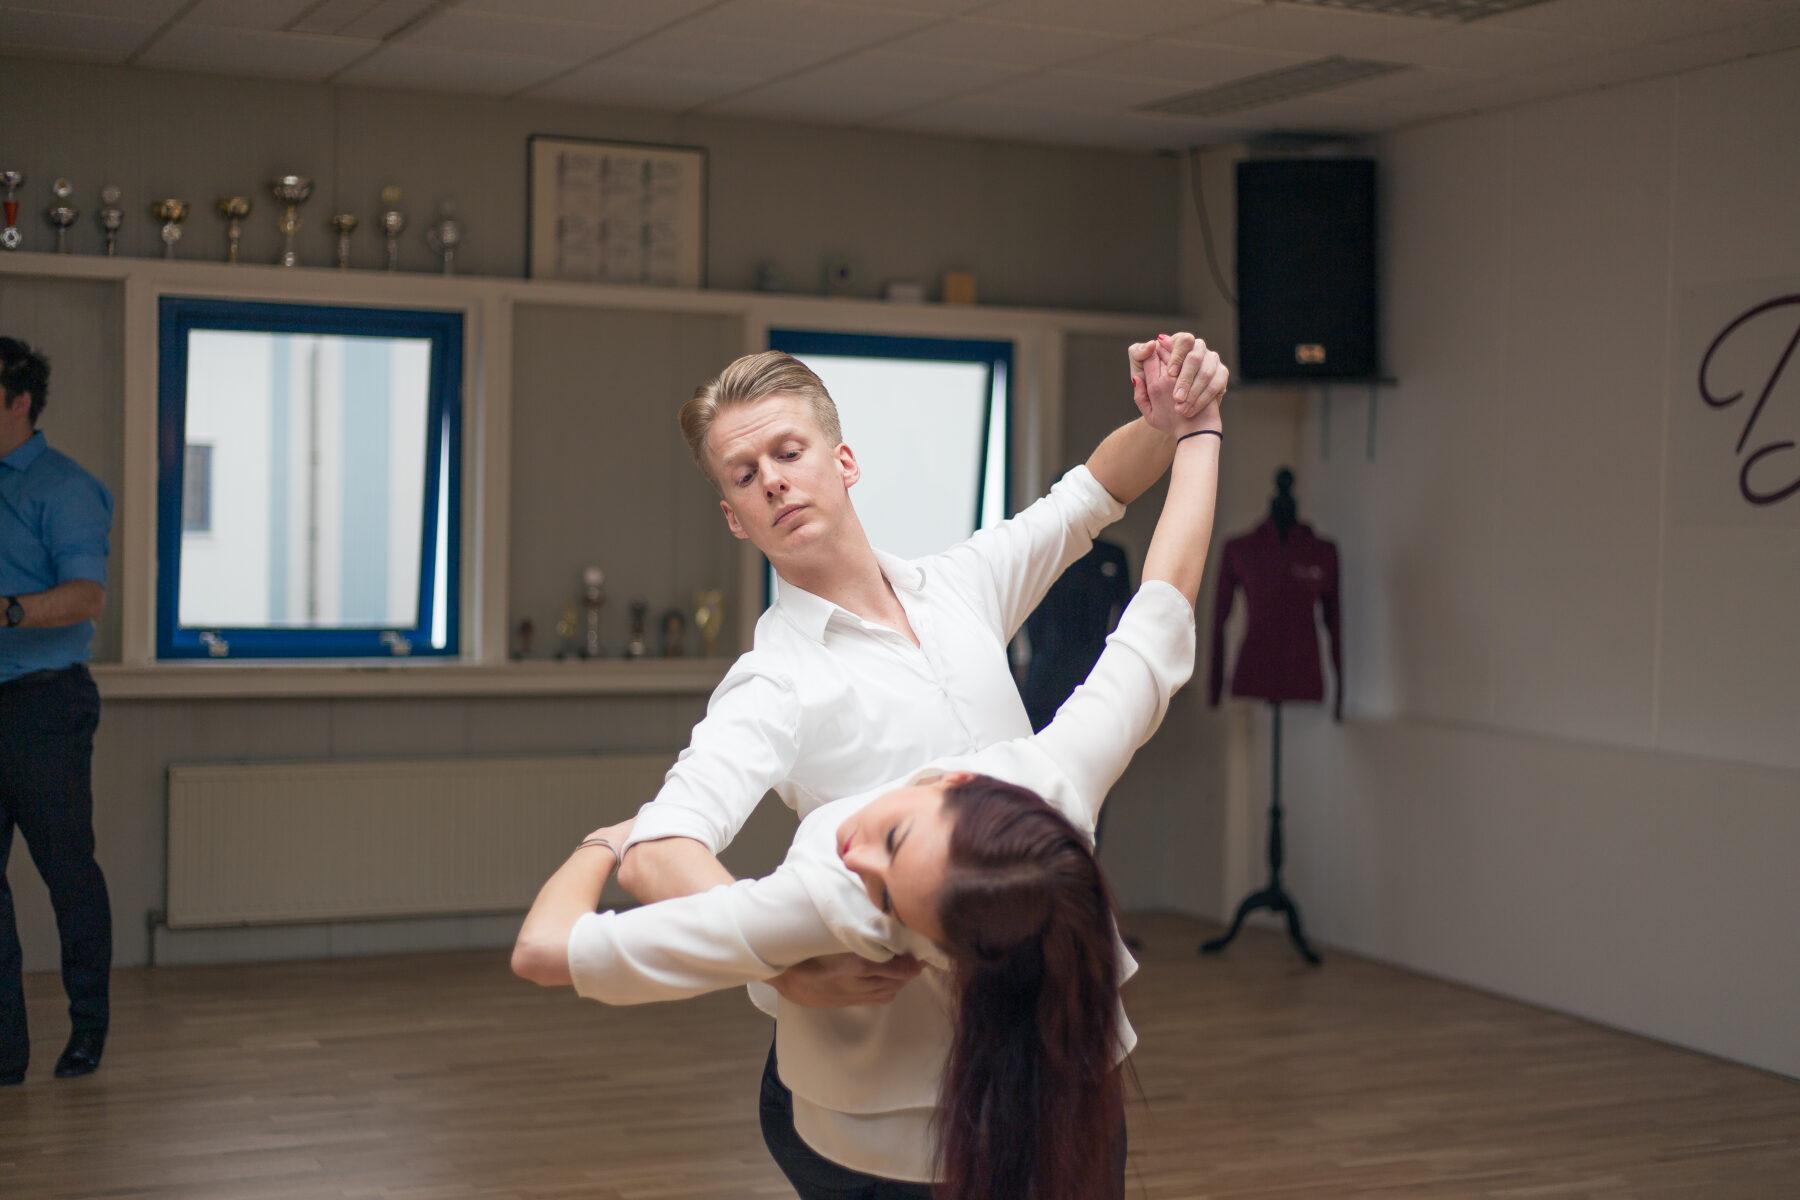 Wisselen van danspartner bij stijldansen als wedstrijdsport